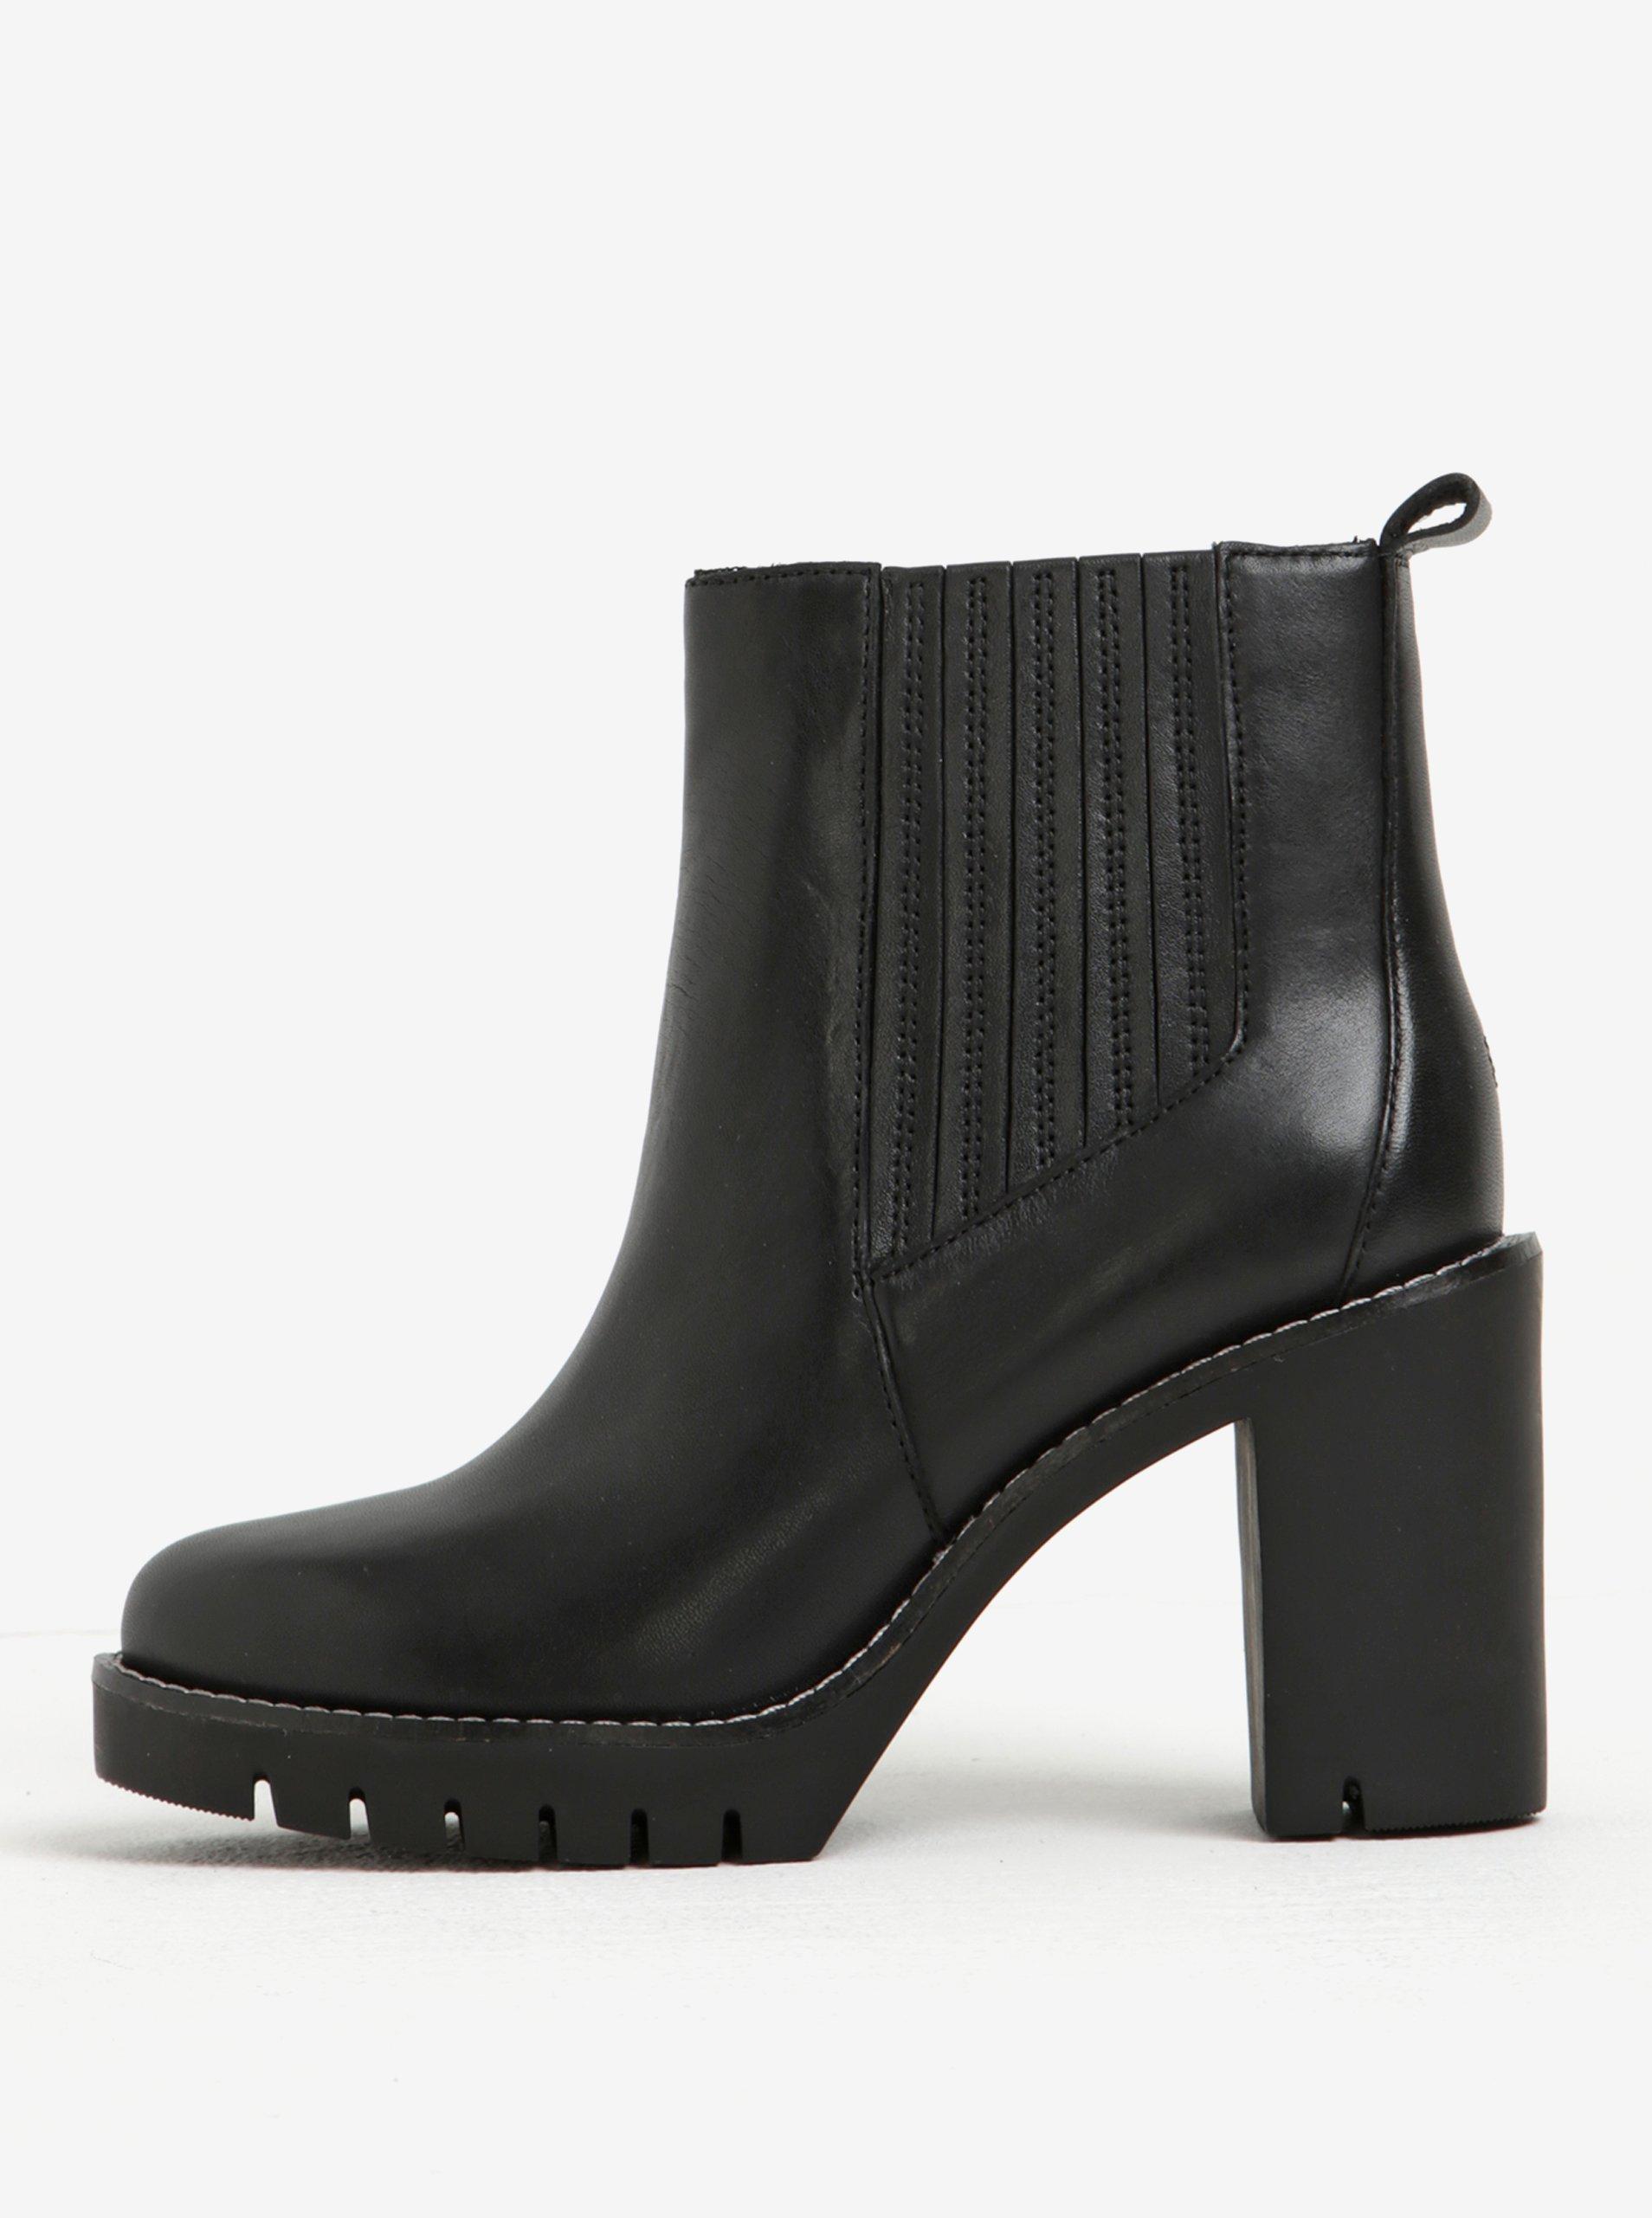 Černé dámské kožené chelsea boty na vysokém podpatku Tommy Hilfiger Paola